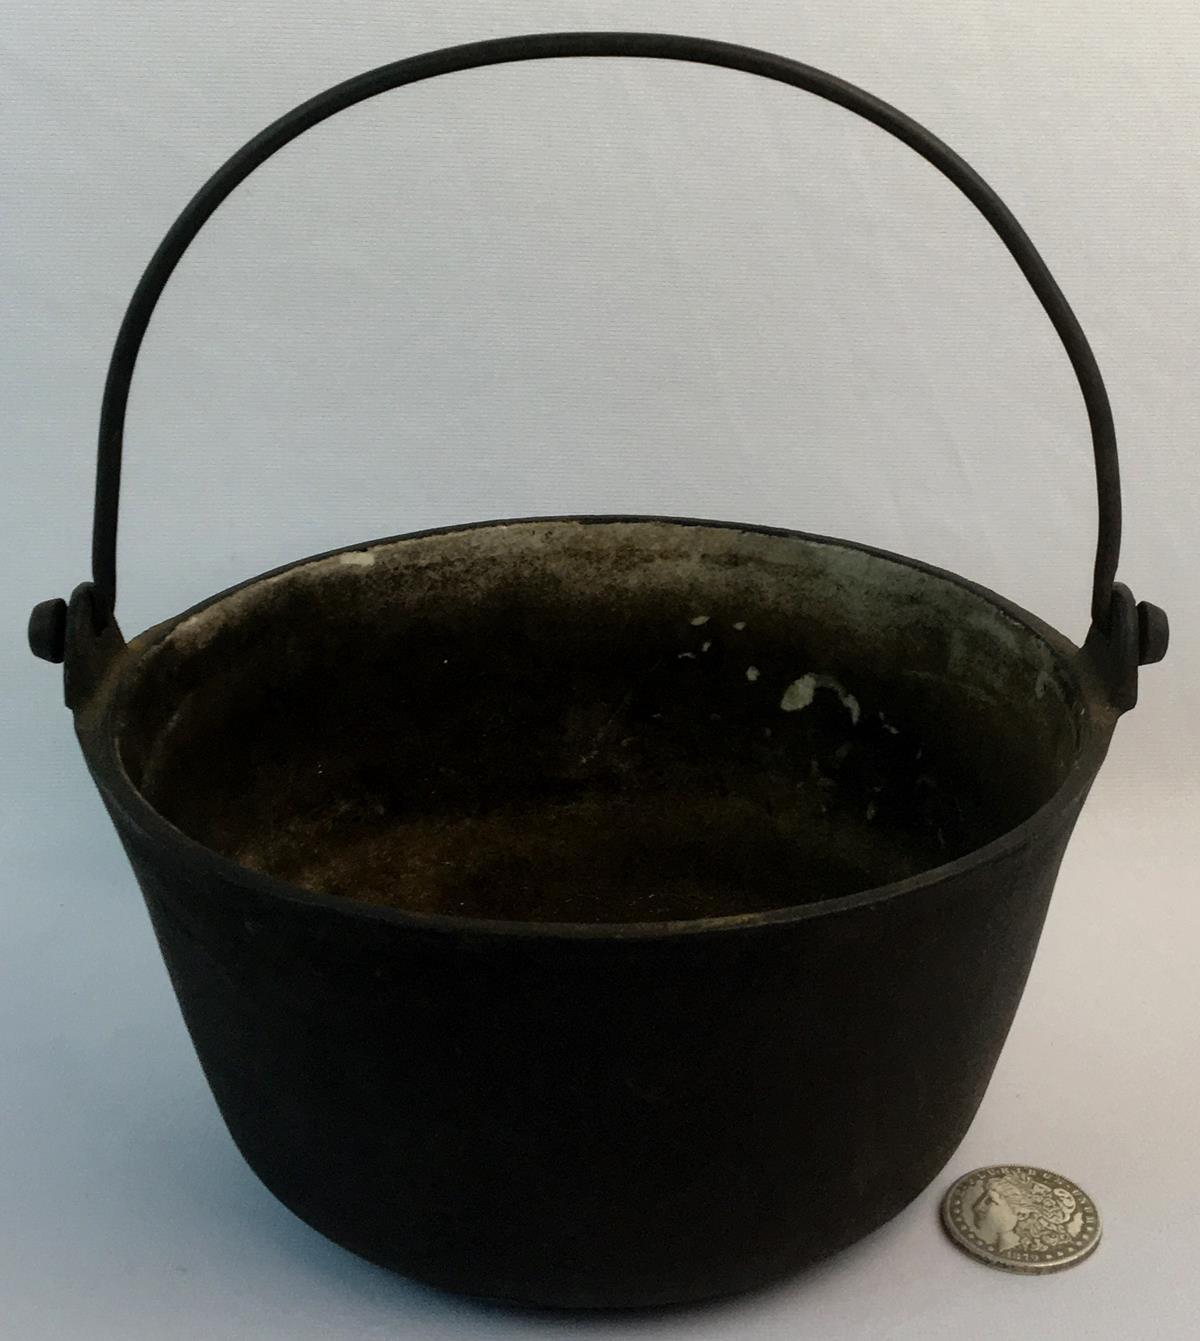 Antique c. 1840 T & C. Clark Co. Ltd. No. 7 Cast Iron Enameled Hanging Bowl / Pot 7 Pints